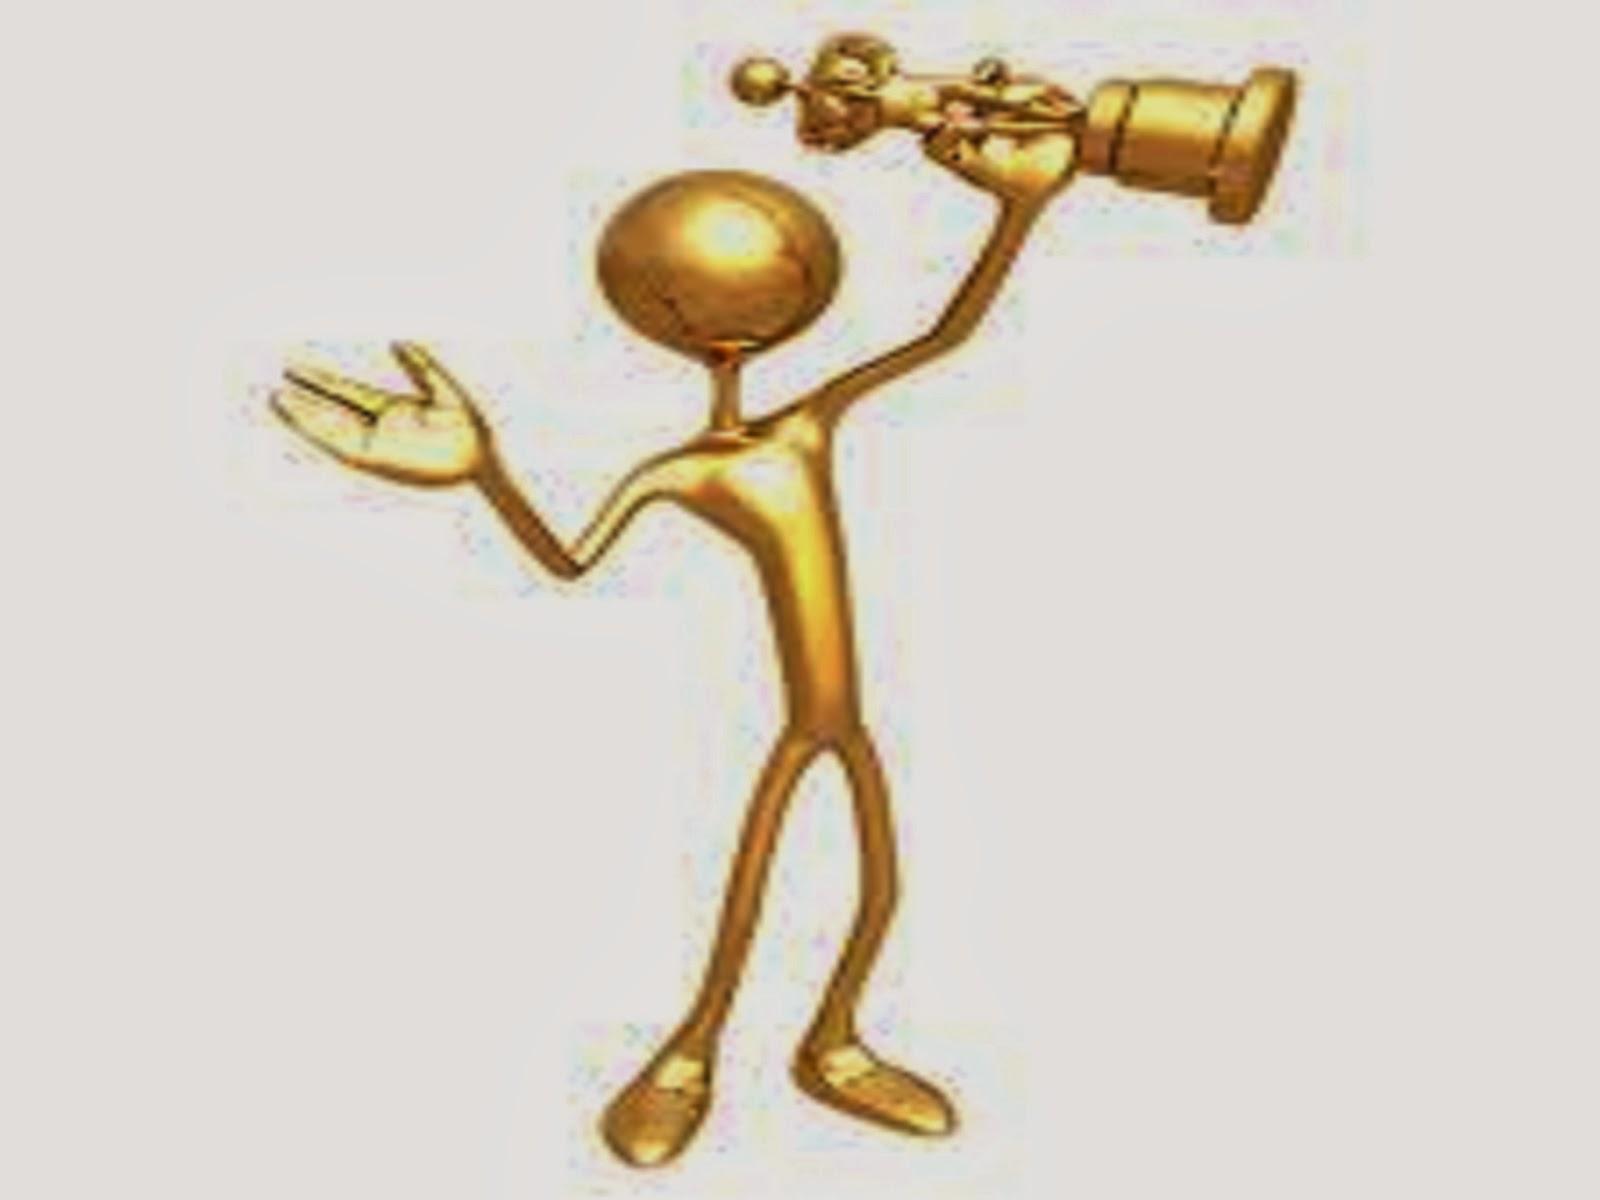 blog yarışması, en iyi blog, güzel blog, blogger, kimi okusam, neşeli blog, yollarda hayat var